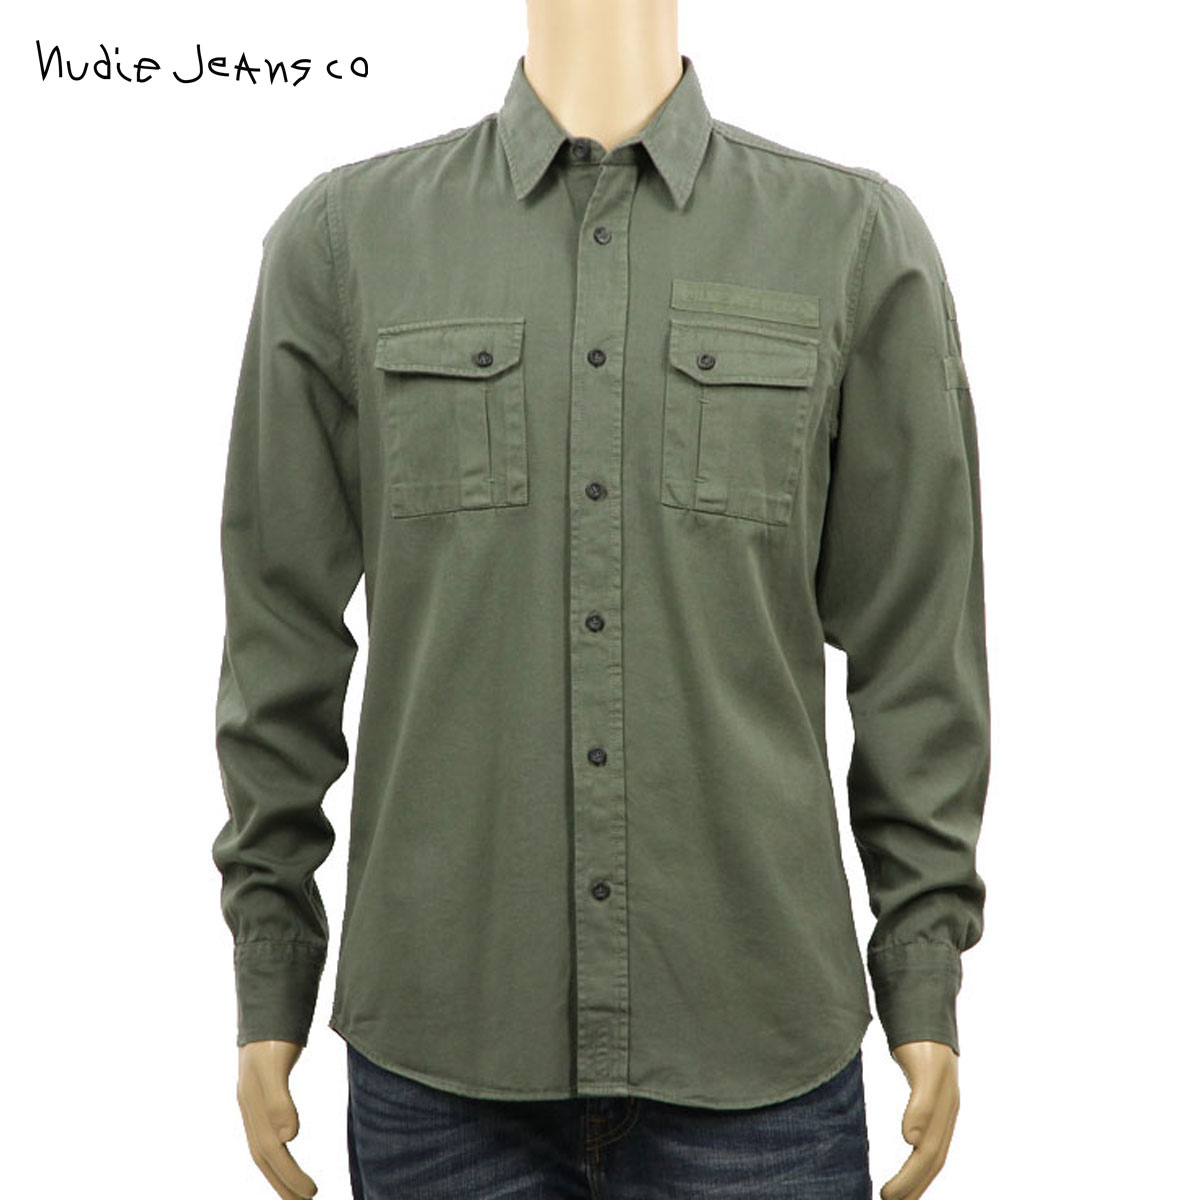 ヌーディージーンズ Nudie Jeans 正規販売店 メンズ 長袖シャツ Gunnar B92 Lummer 140445 D00S20